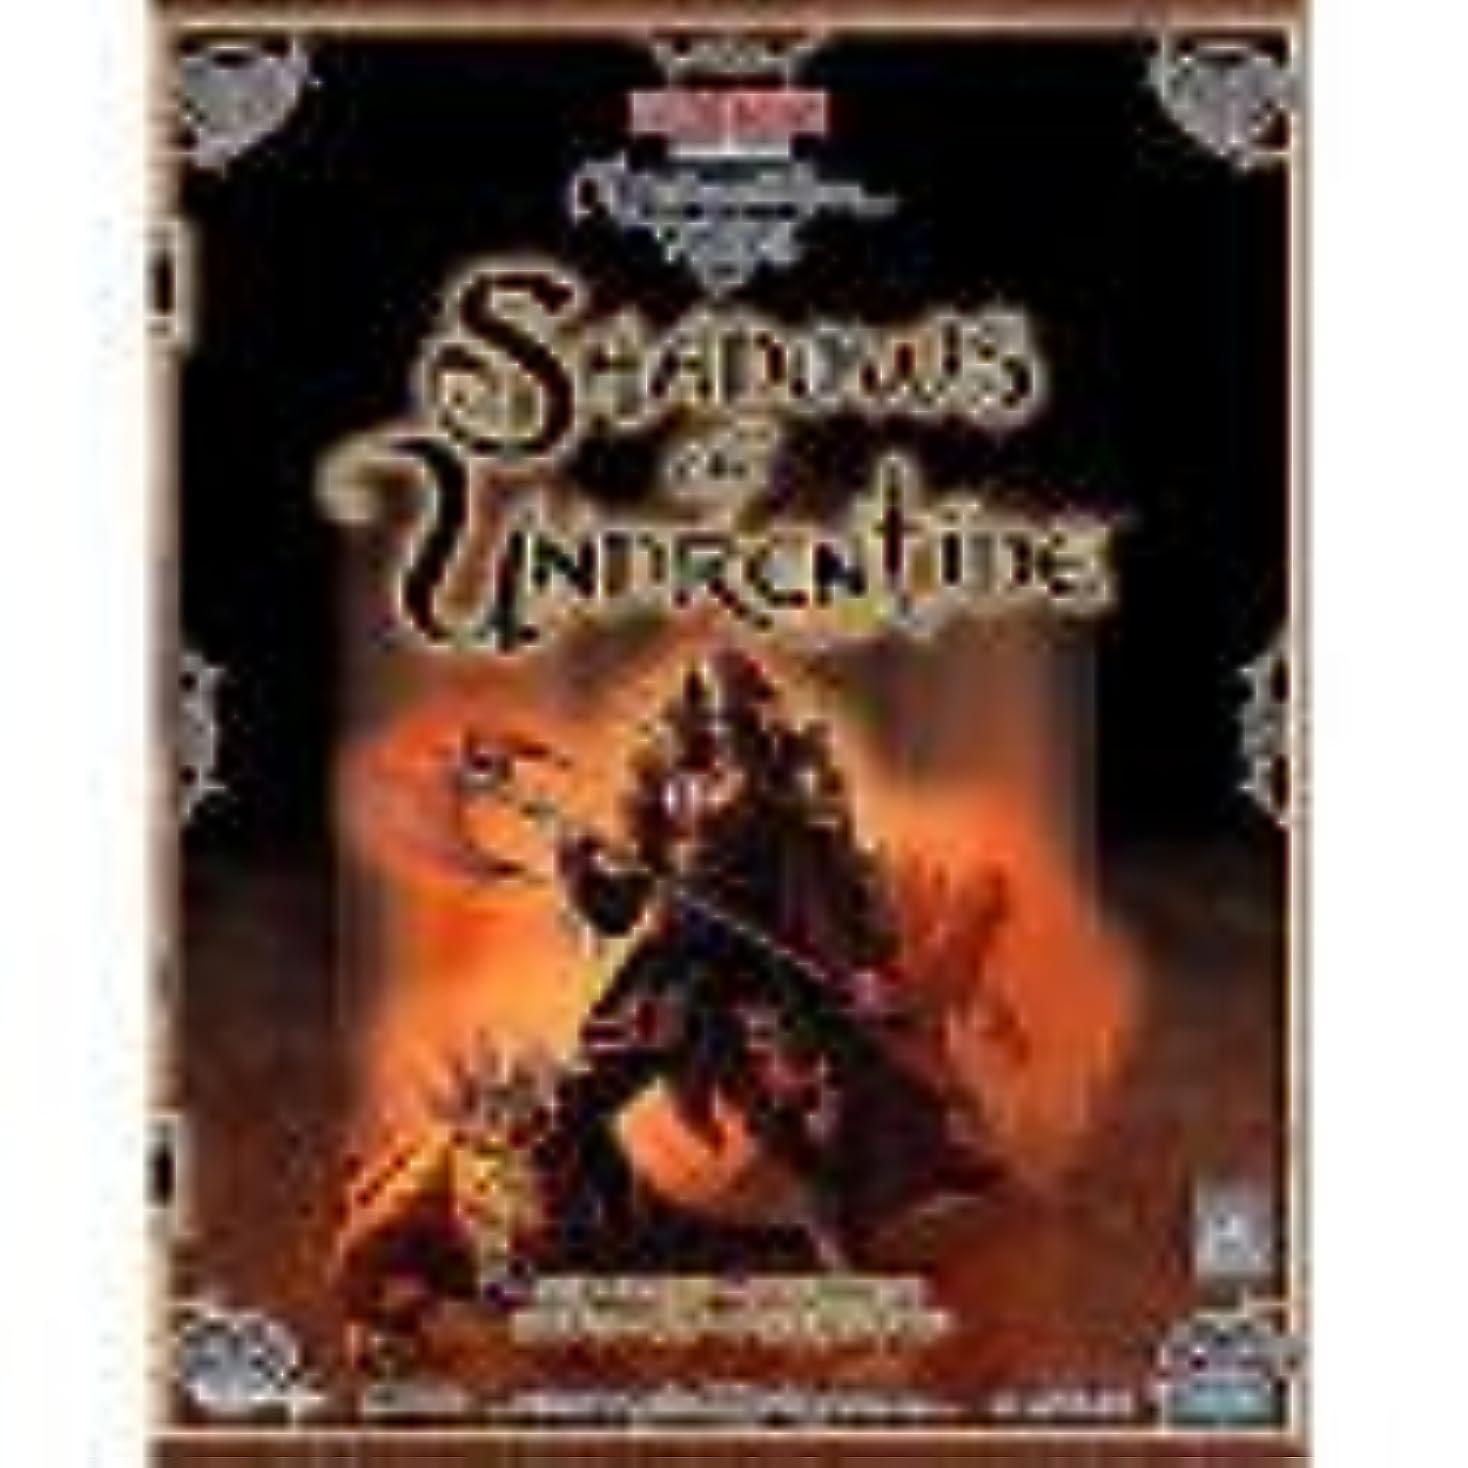 完全に乾く仕事国歌Neverwinter Nights 日本語版拡張キット Shadows of Undrentide